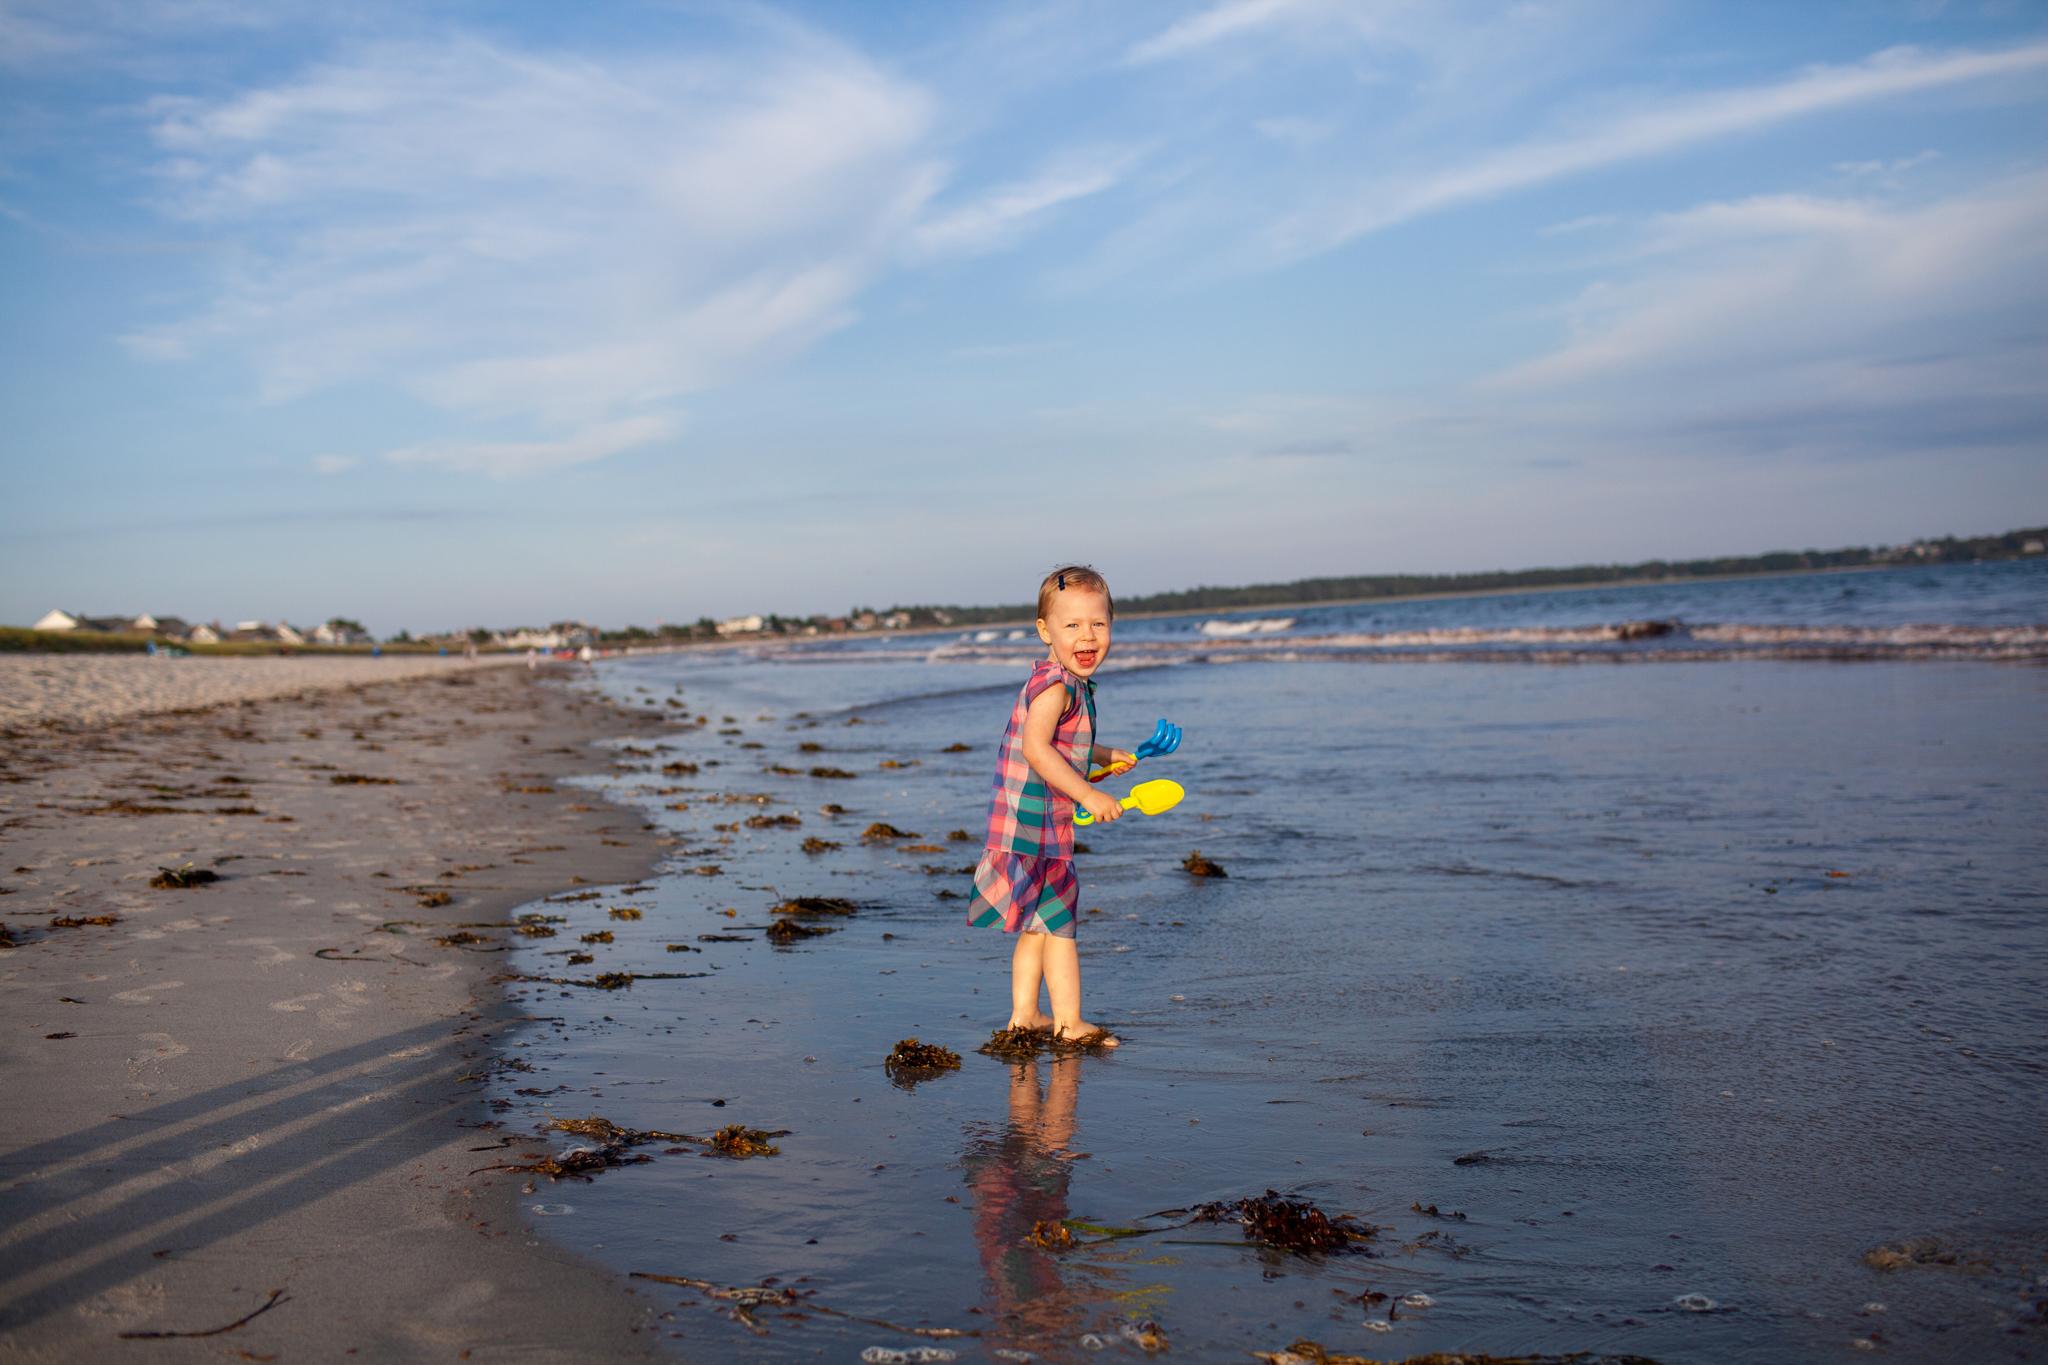 maine-family-photography-pine-point- beach-26.jpg